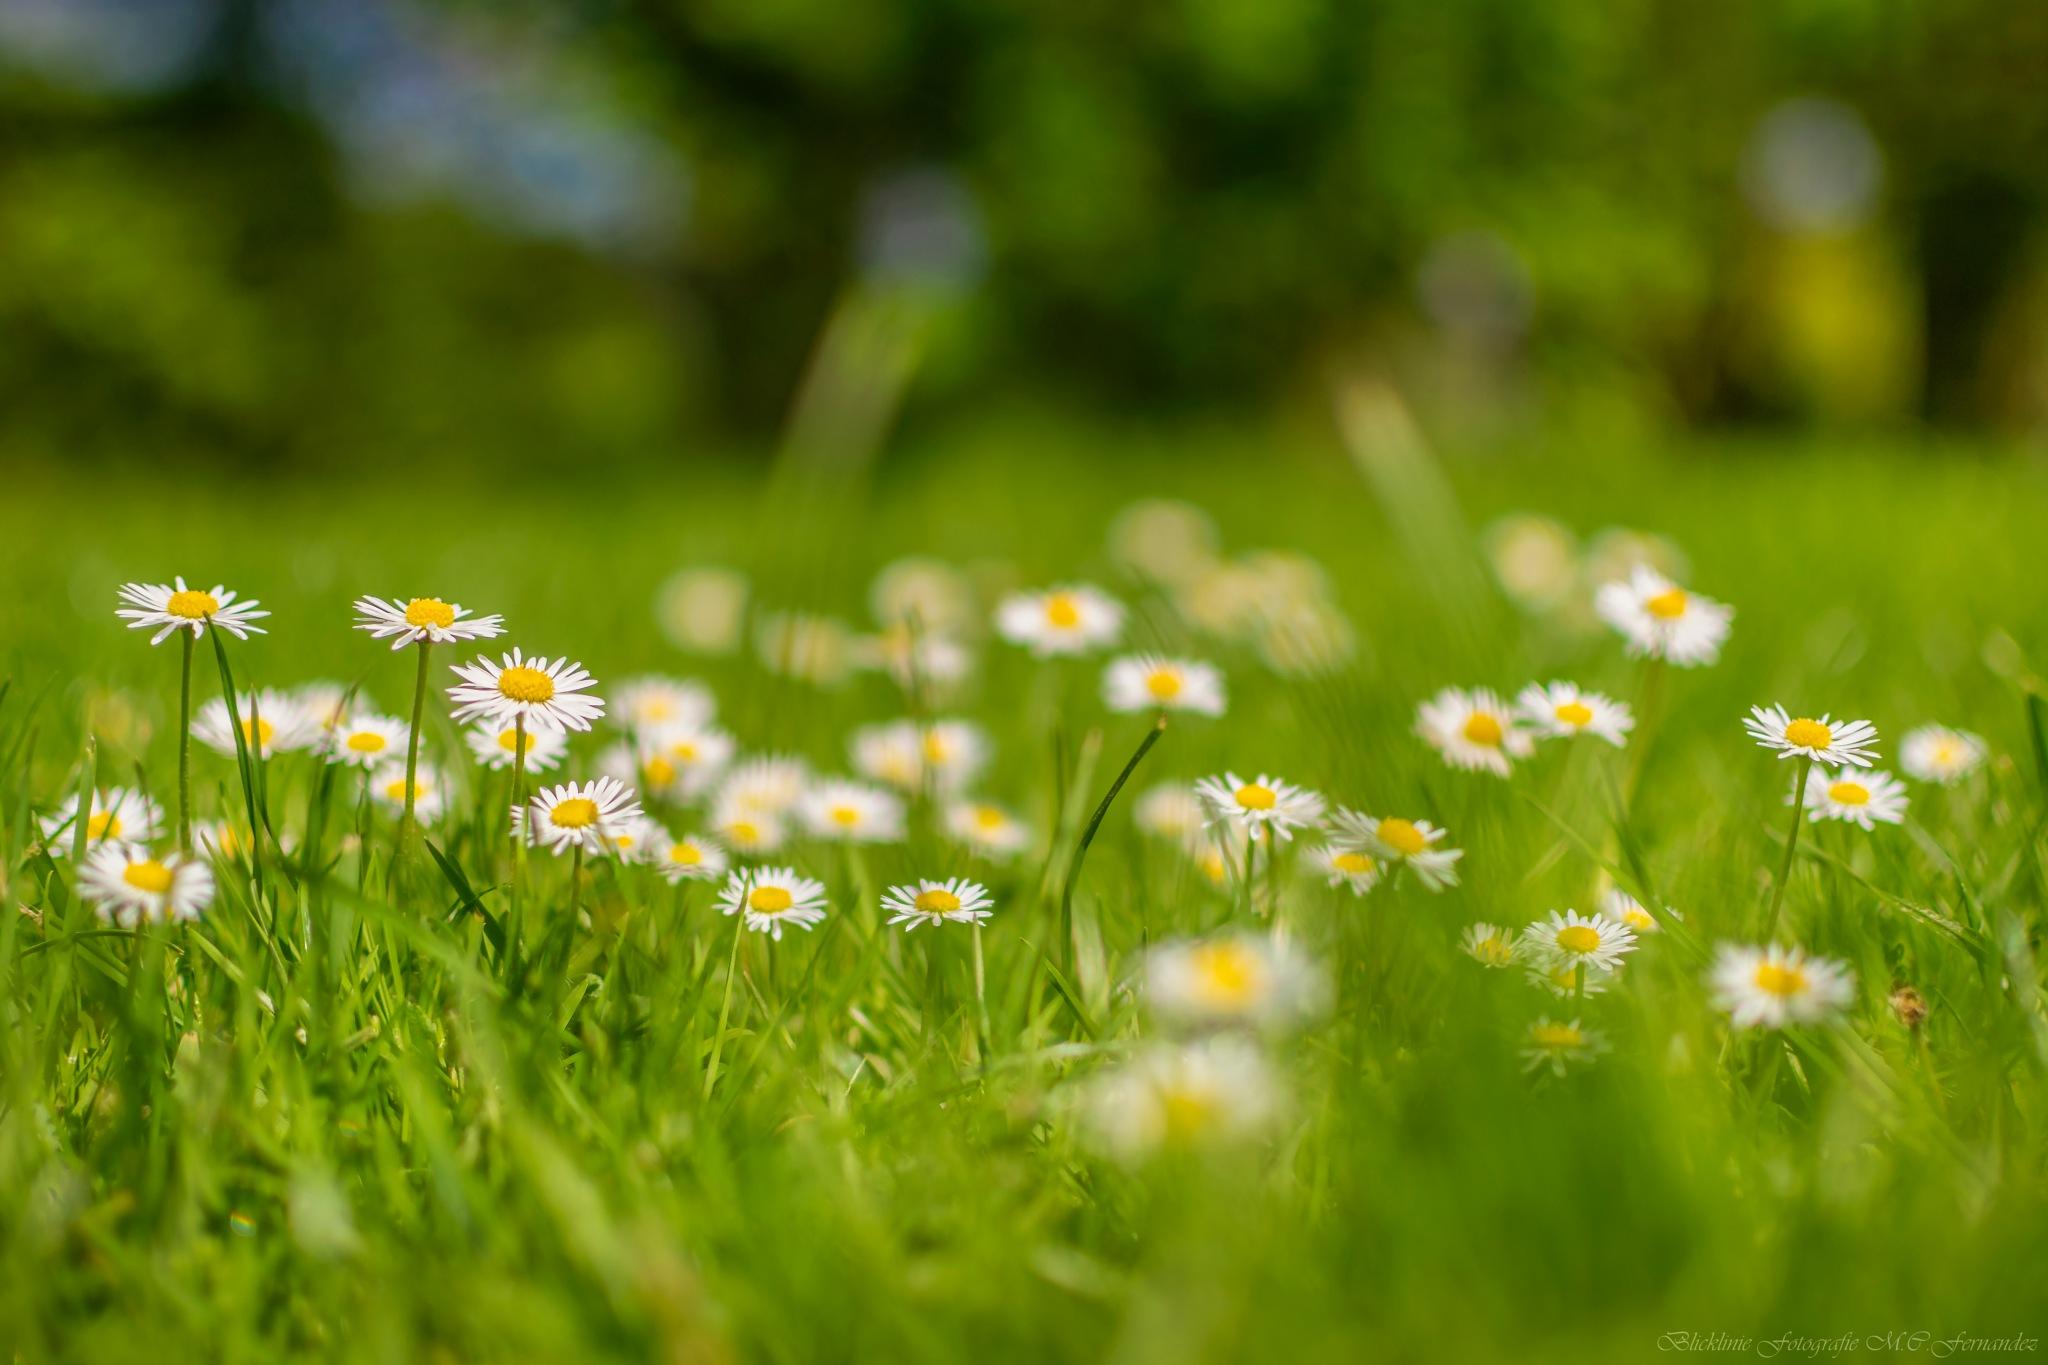 daisy by Blicklinie